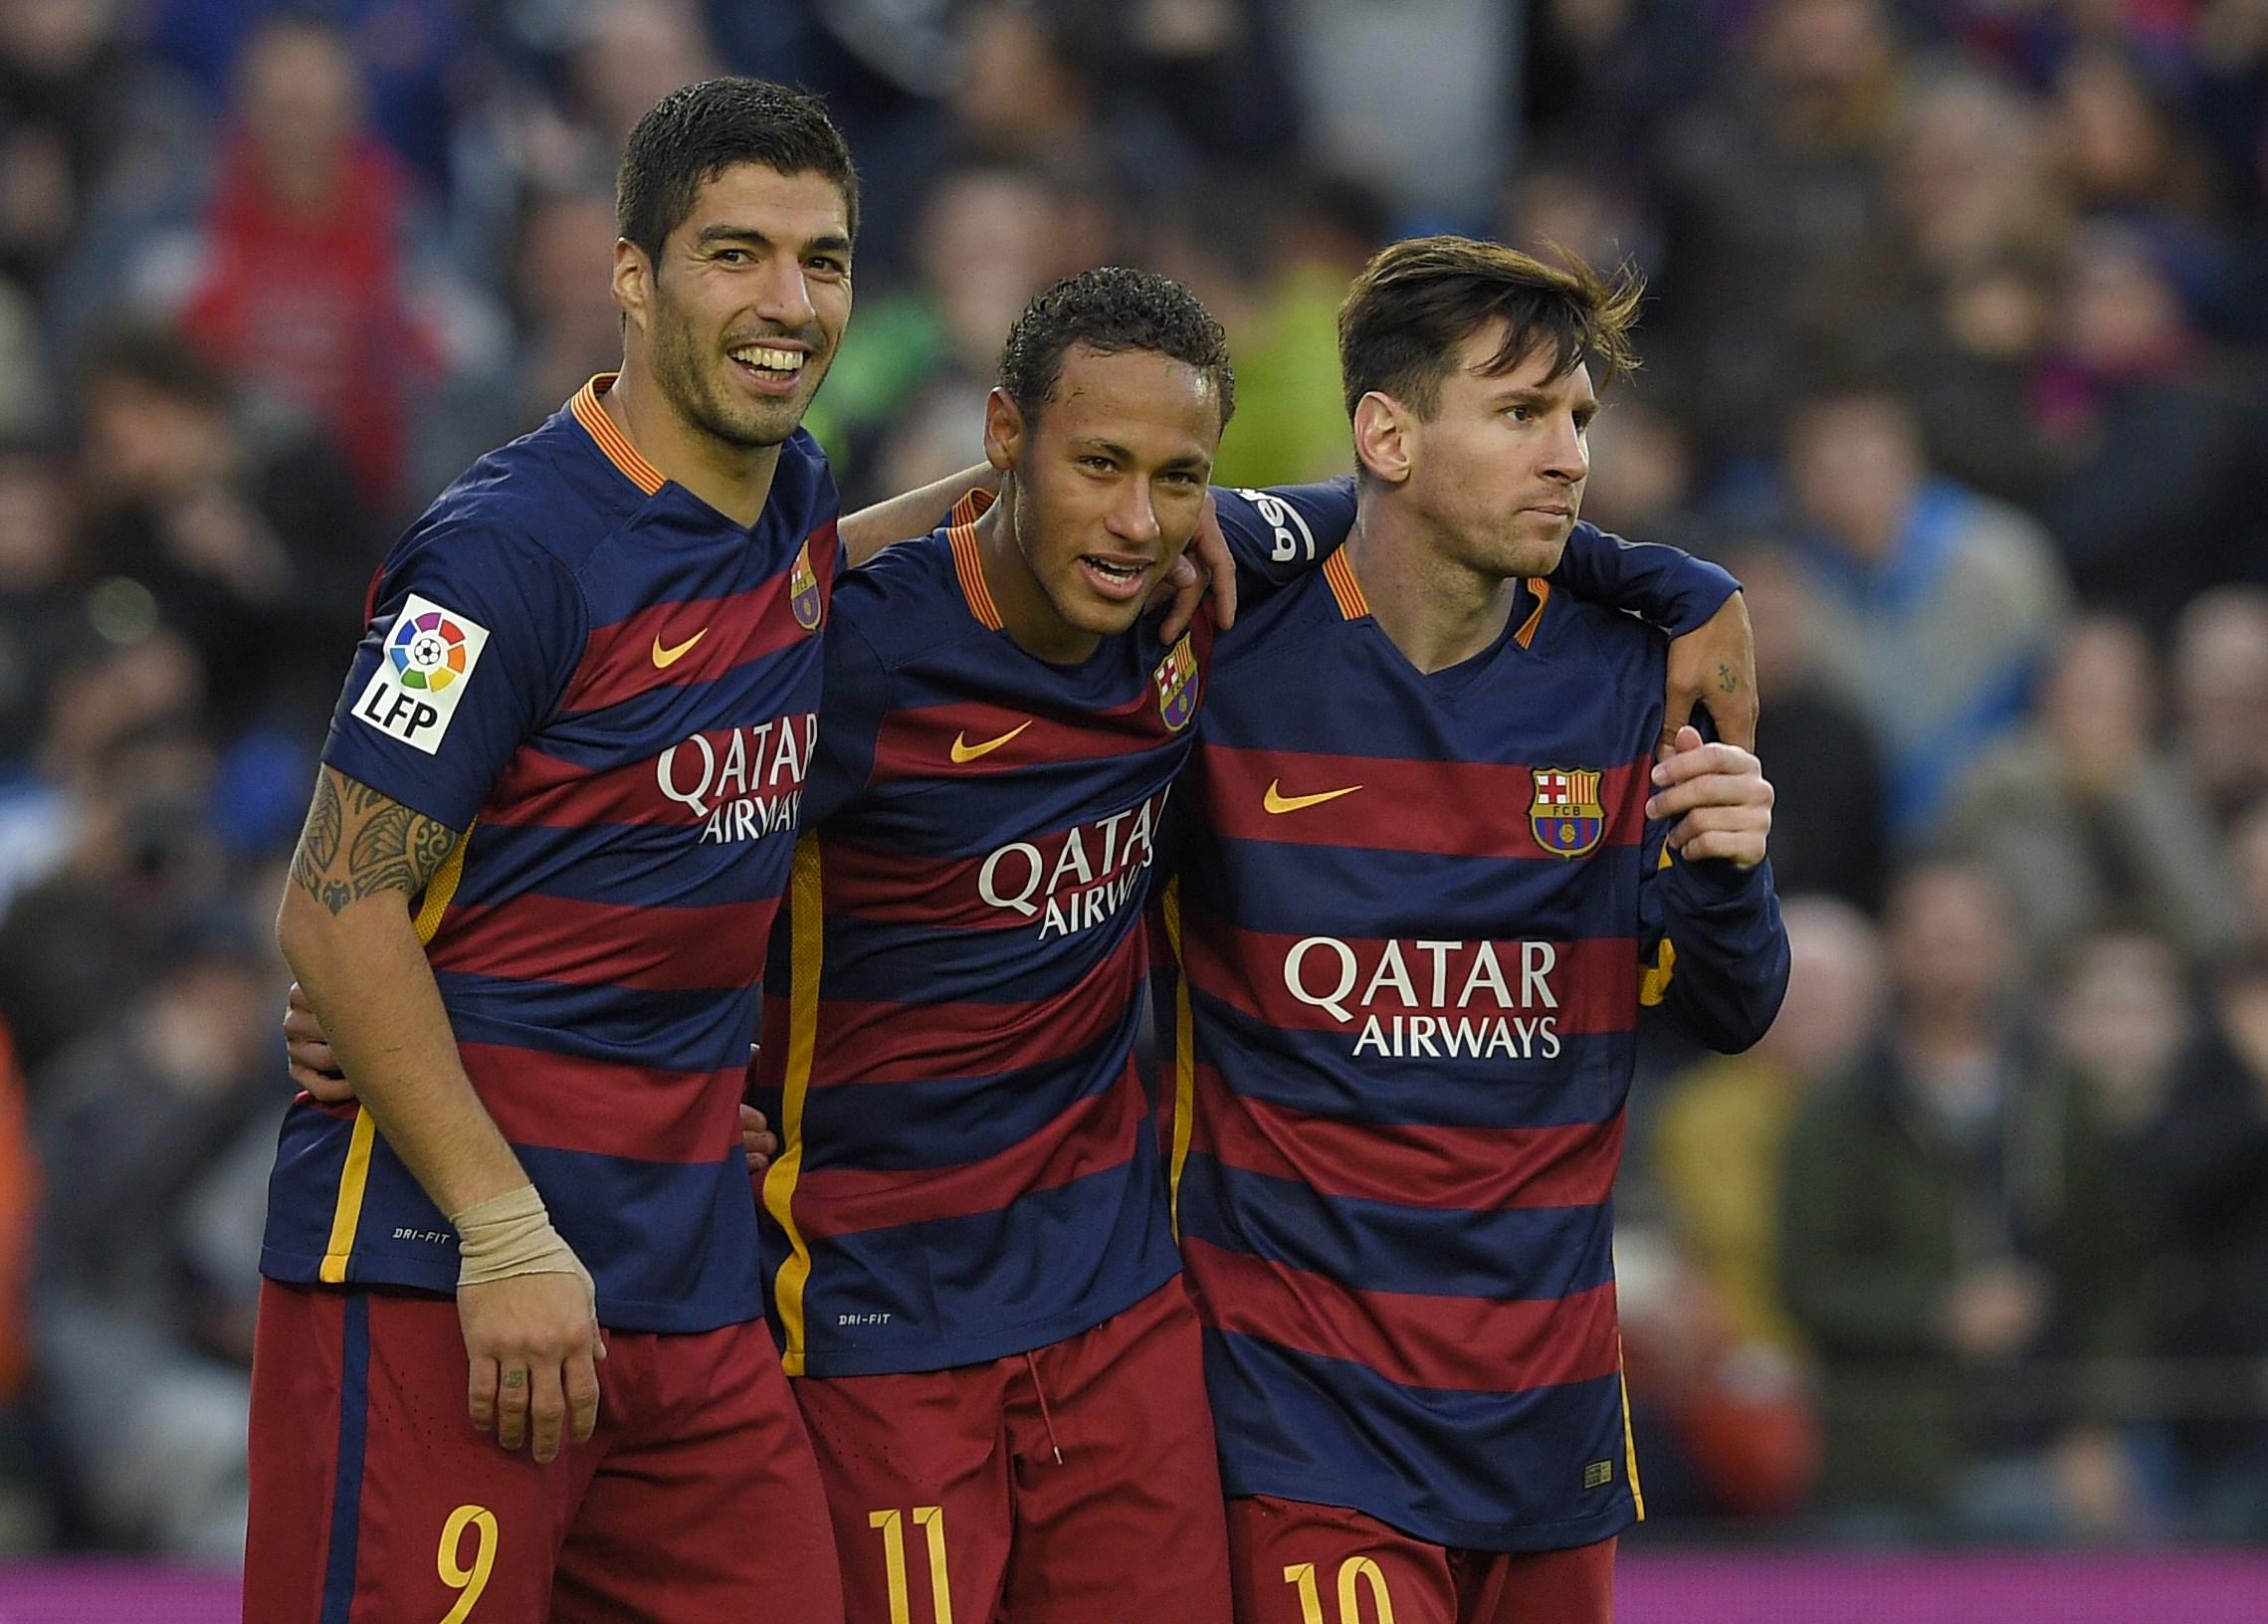 ميسي يقود برشلونة لكسر رقم ريال مدريد التاريخي  أمام رايو فاليكانو